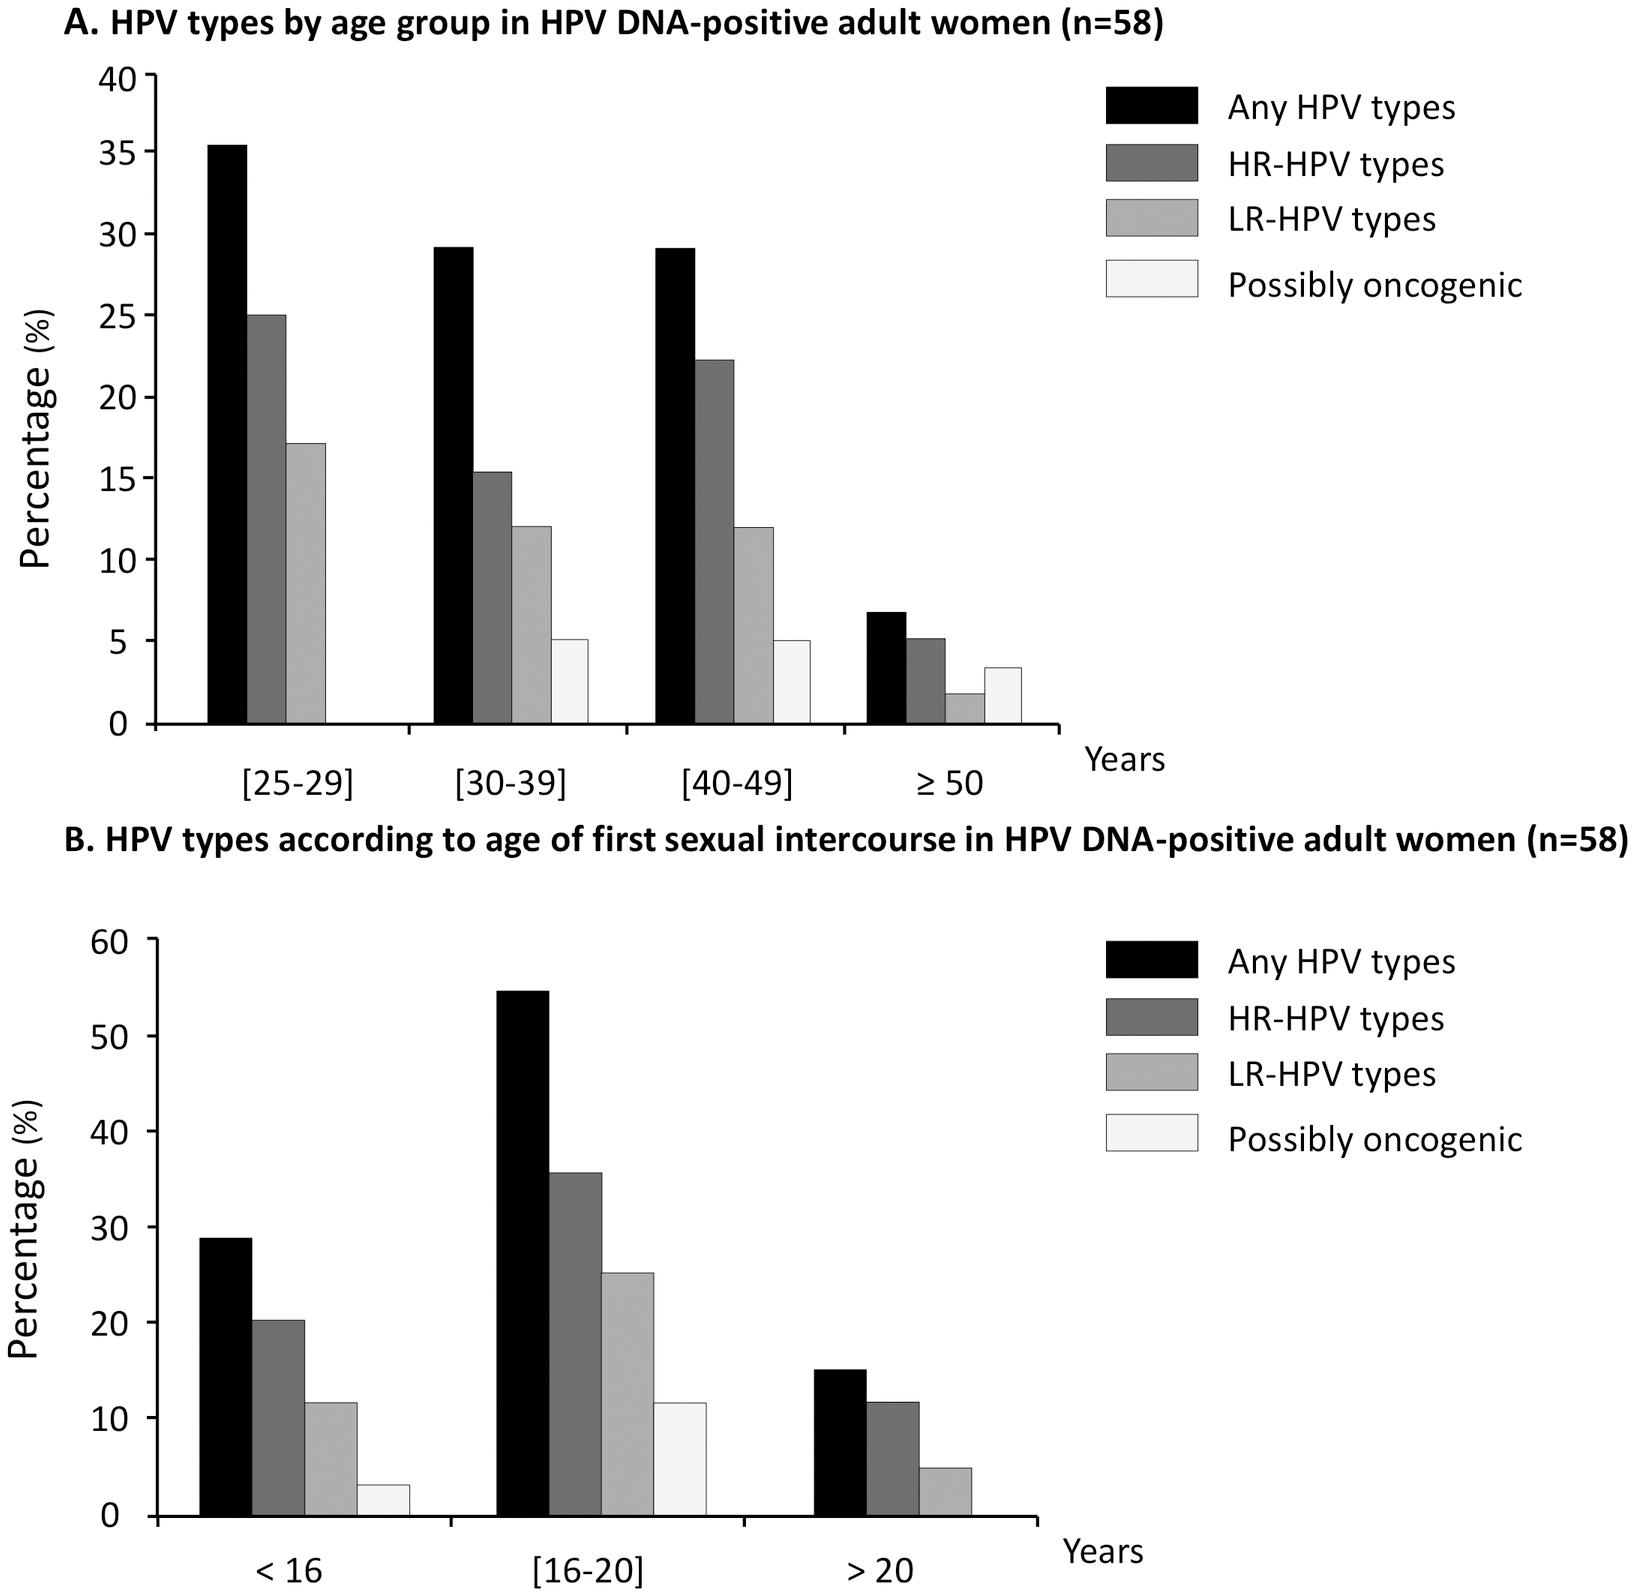 Human papillomavirus type 16 ncbi, Human papillomavirus type 16 ncbi.